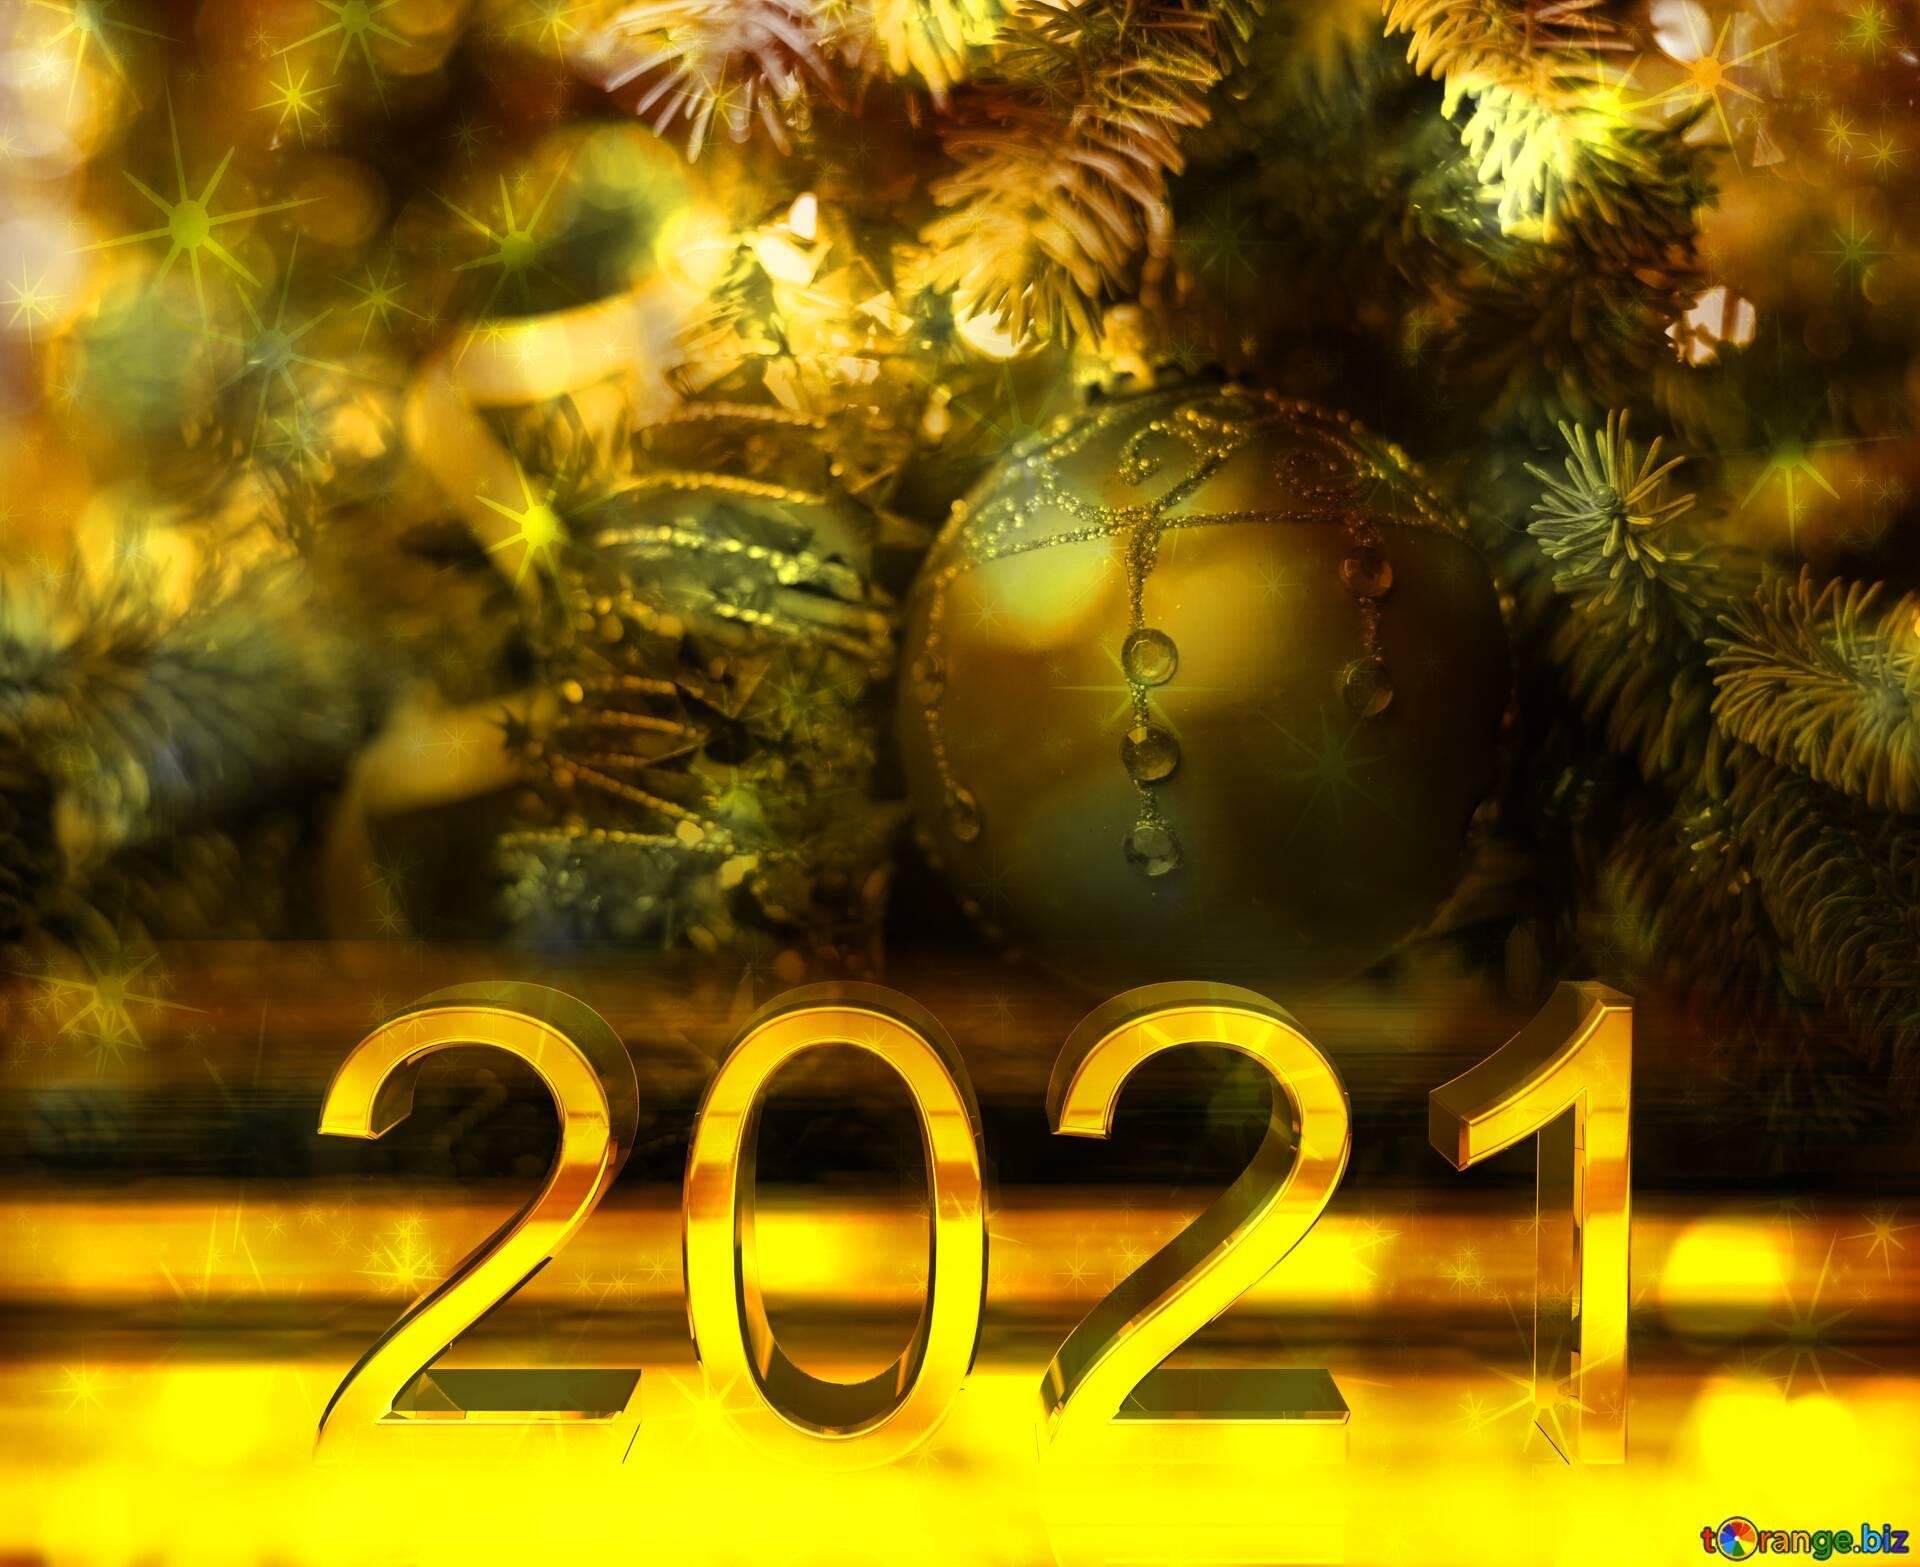 День защитника отечества 2021. приятные поздравления встихах, прозе исмс